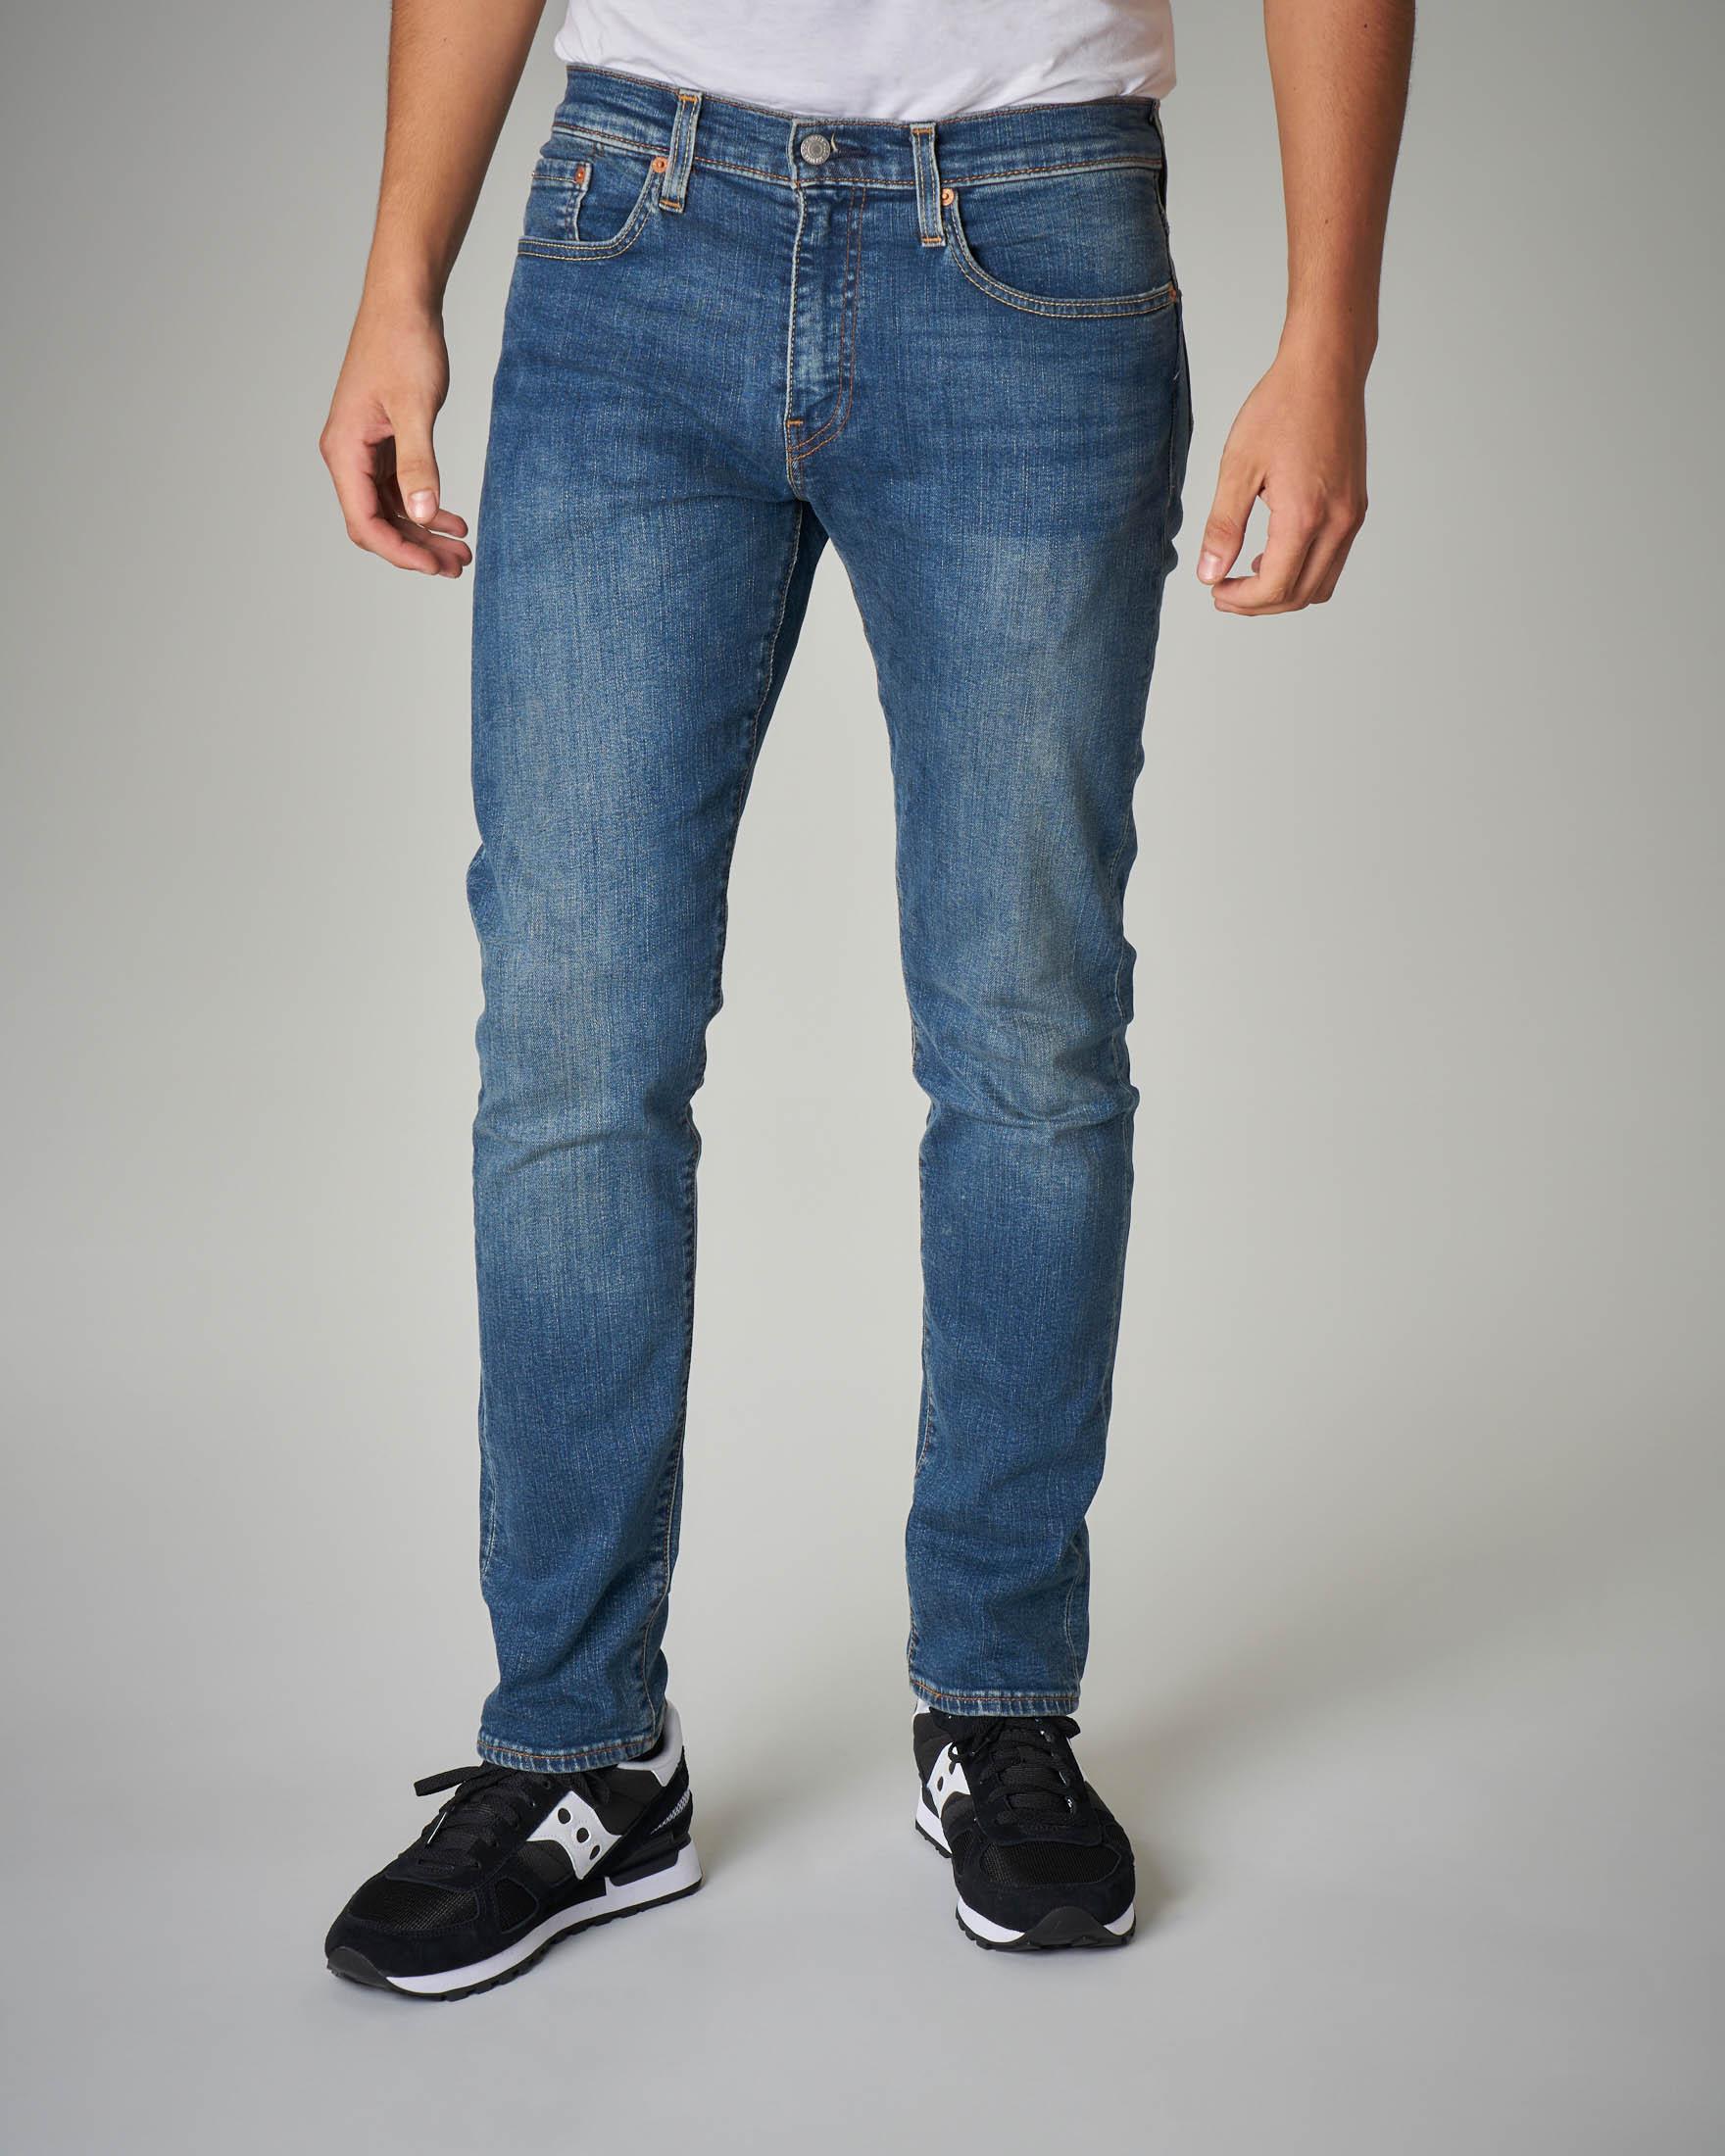 Jeans 502 lavaggio medio